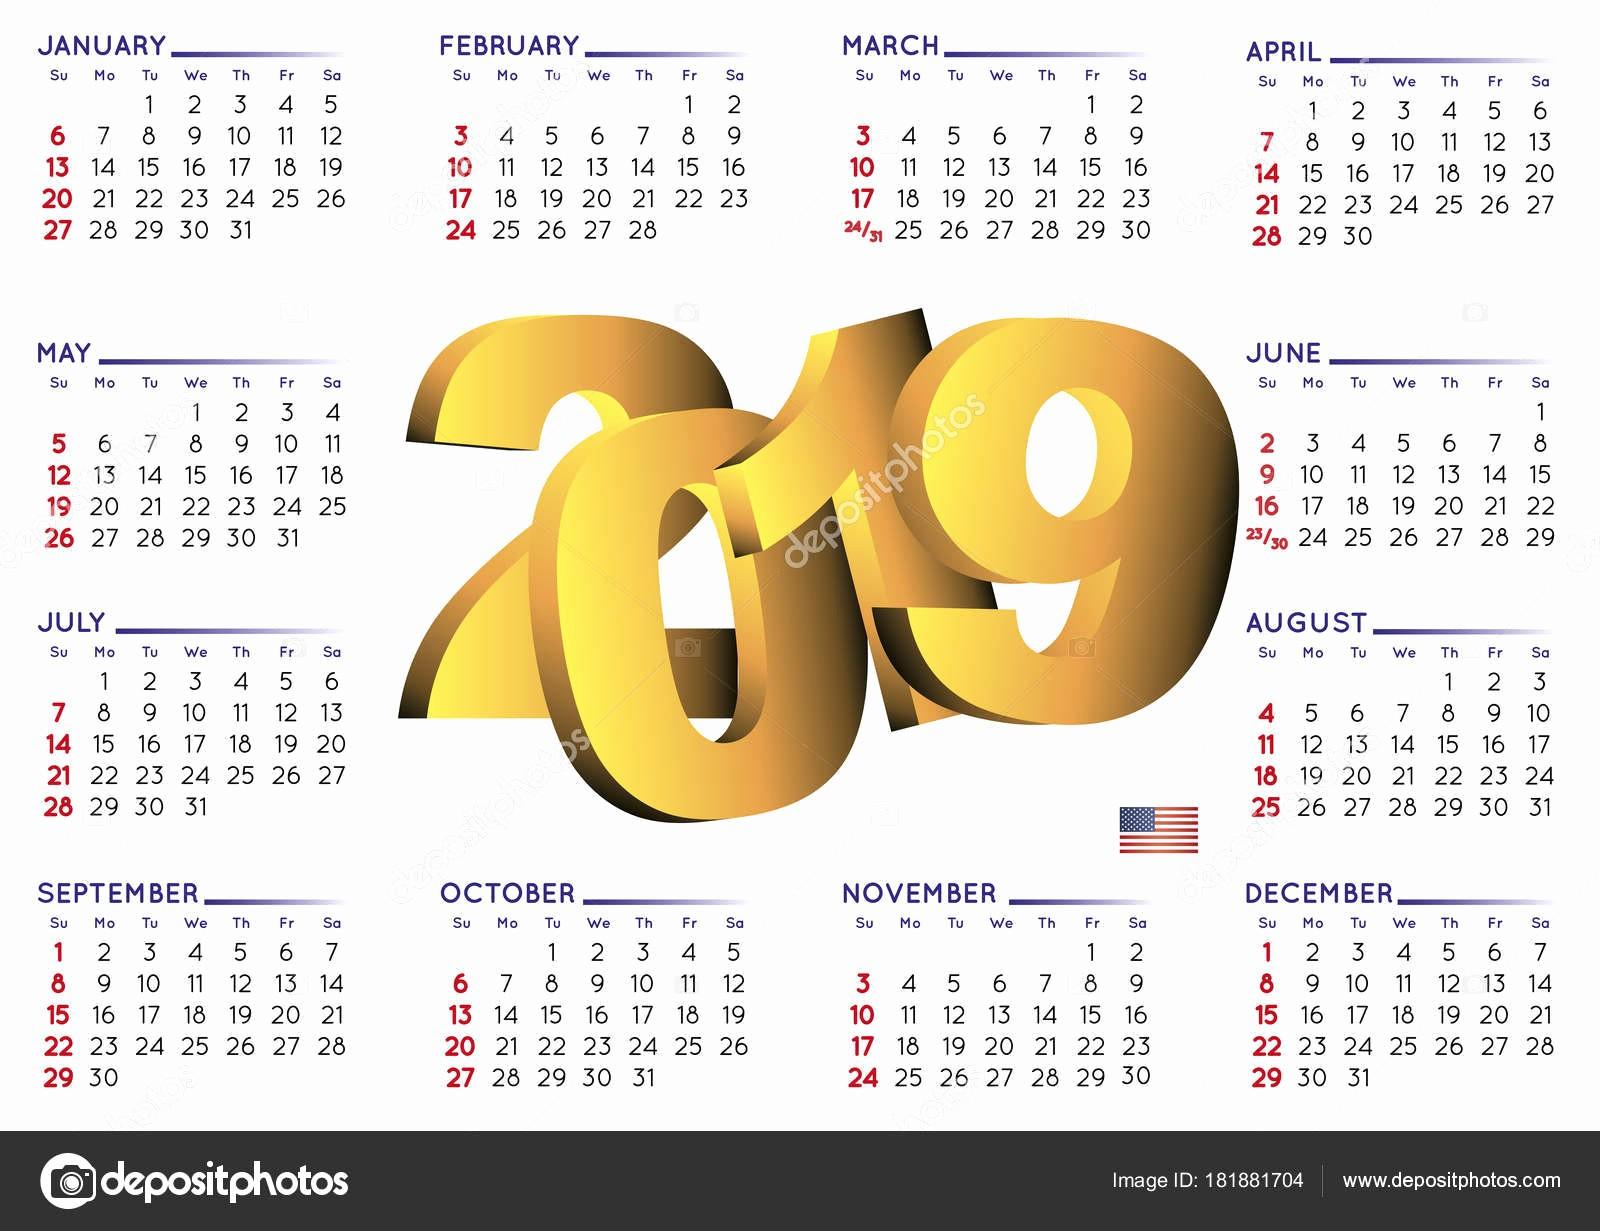 Calendario Febrero Marzo 2019 Para Imprimir Más Recientes Calendario De Dividendos Telefonica 2019 Calendario 2019 Calendario Of Calendario Febrero Marzo 2019 Para Imprimir Más Recientes Best Calendario Febrero 2017 Argentina Para Imprimir Image Collection